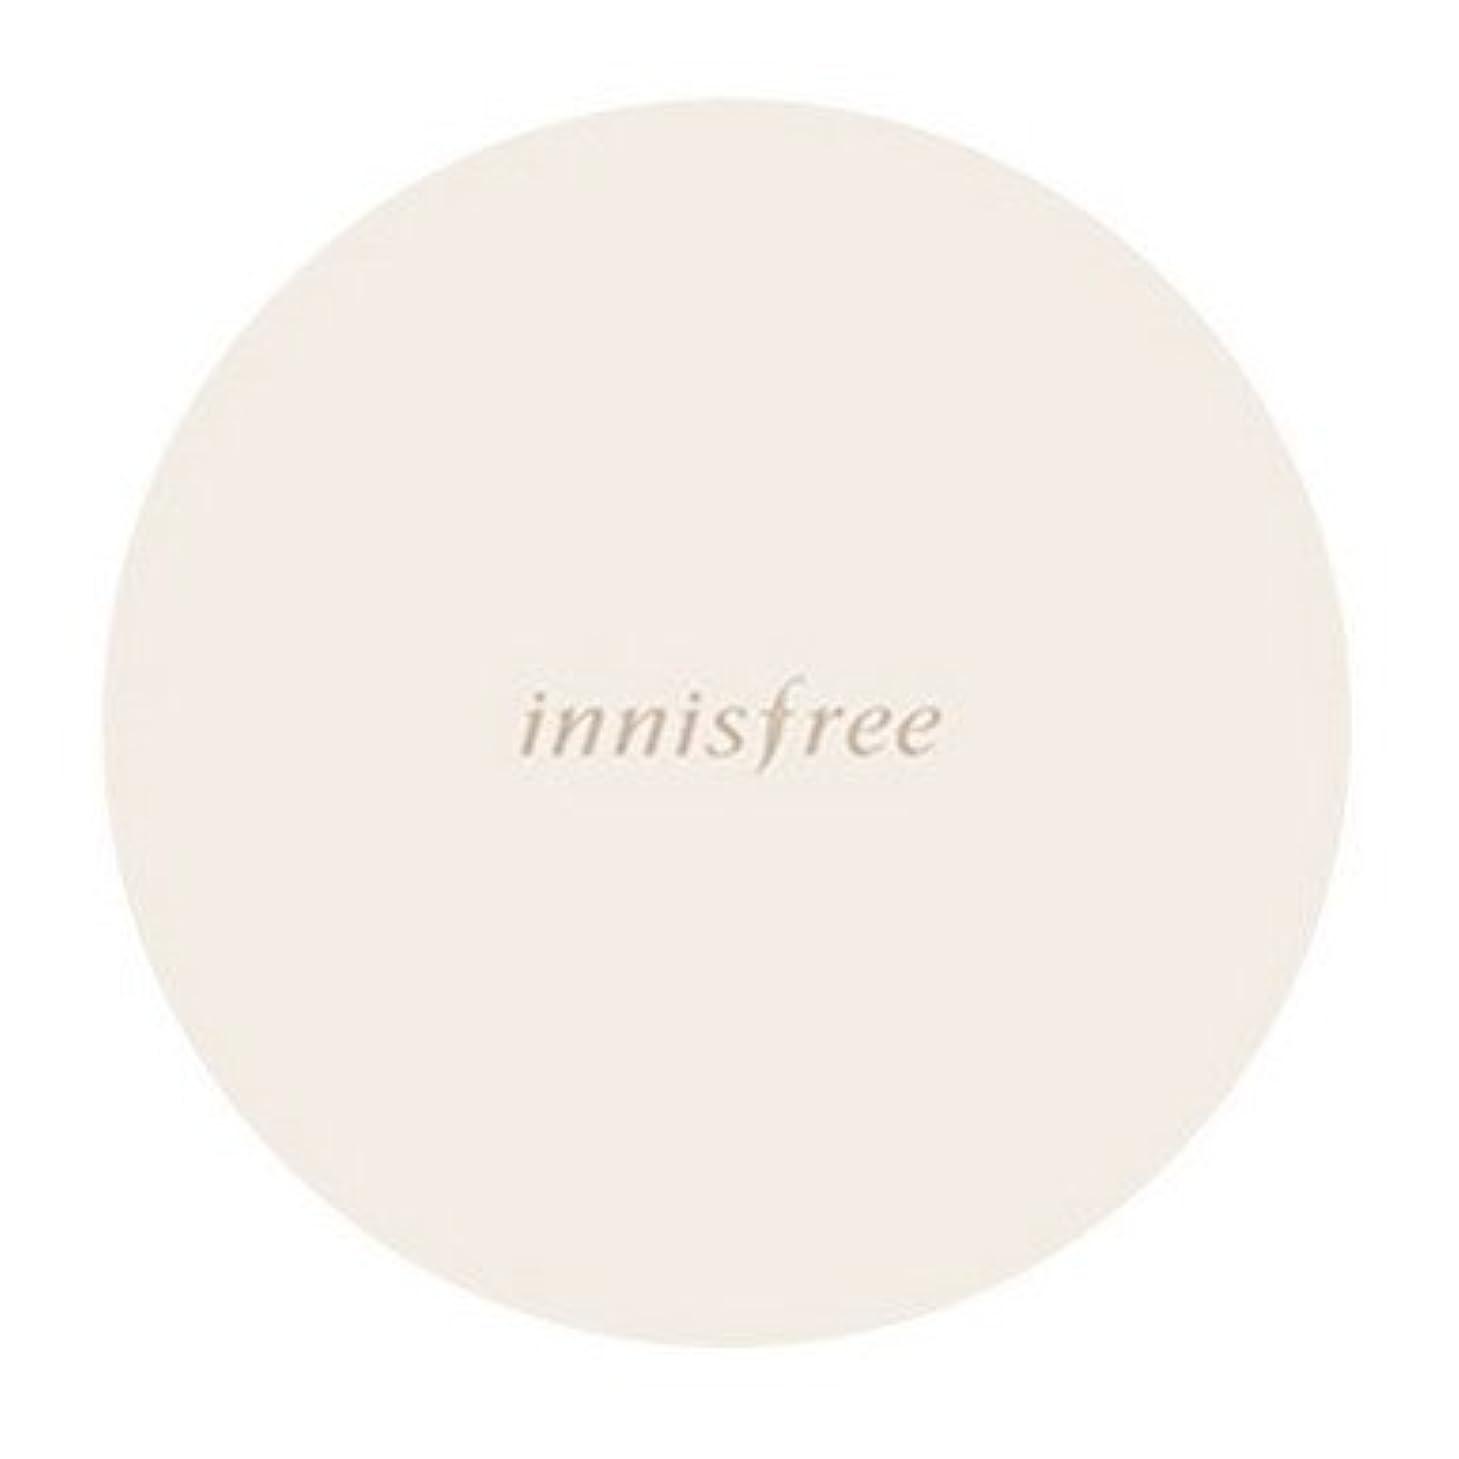 神社振り子オーガニック【innisfree(イニスフリー)】マイクッションケース - 01アイボリ [並行輸入品]